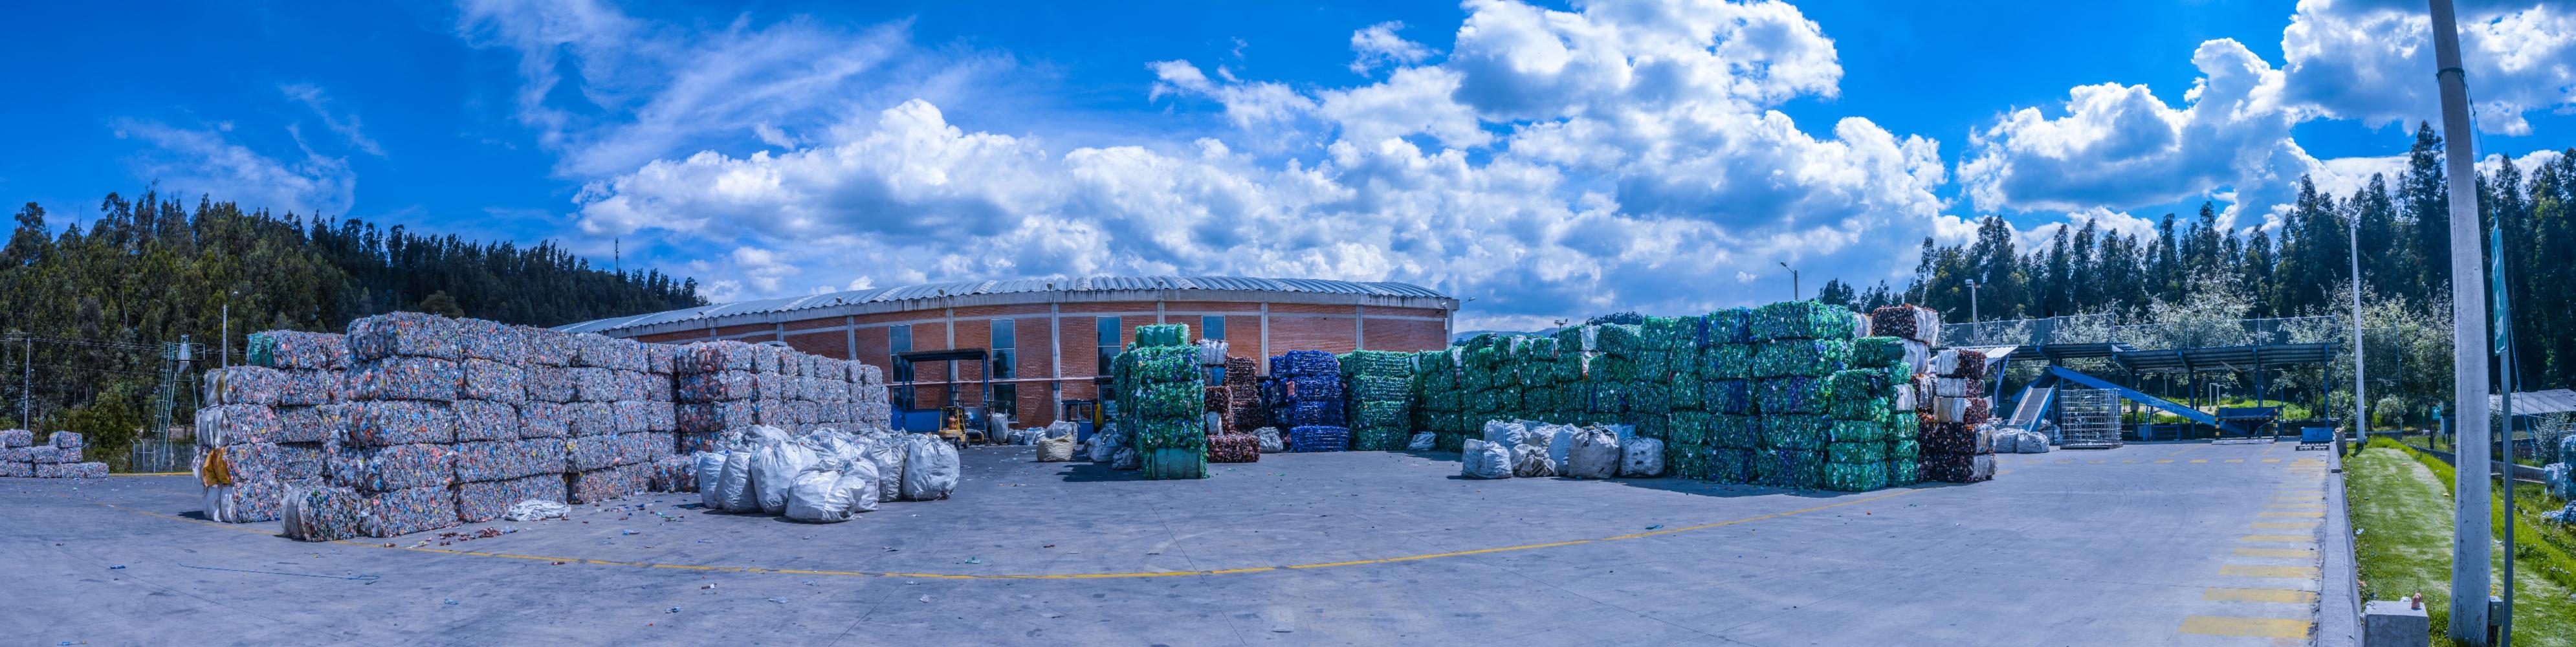 Reciclaje para el impacto ambiental